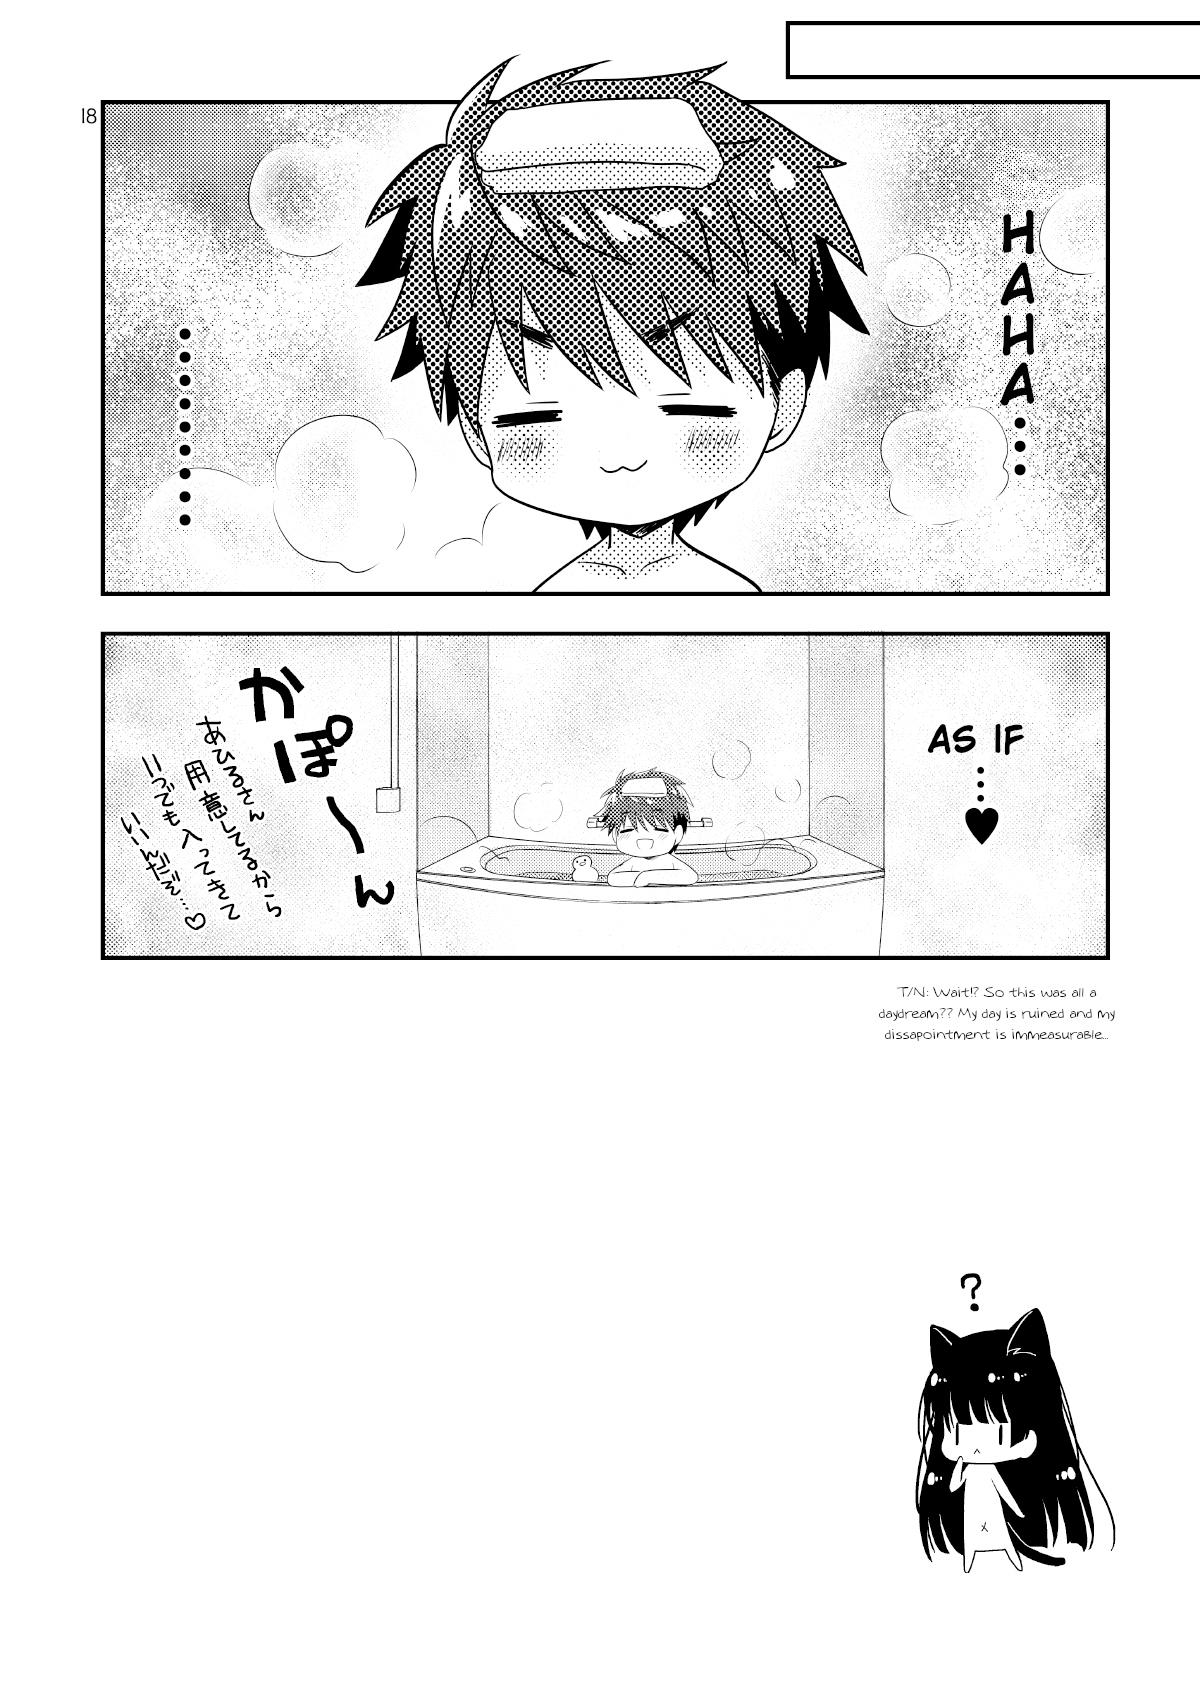 มาอาบน้ำด้วยกันเถอะ ภาพ 17